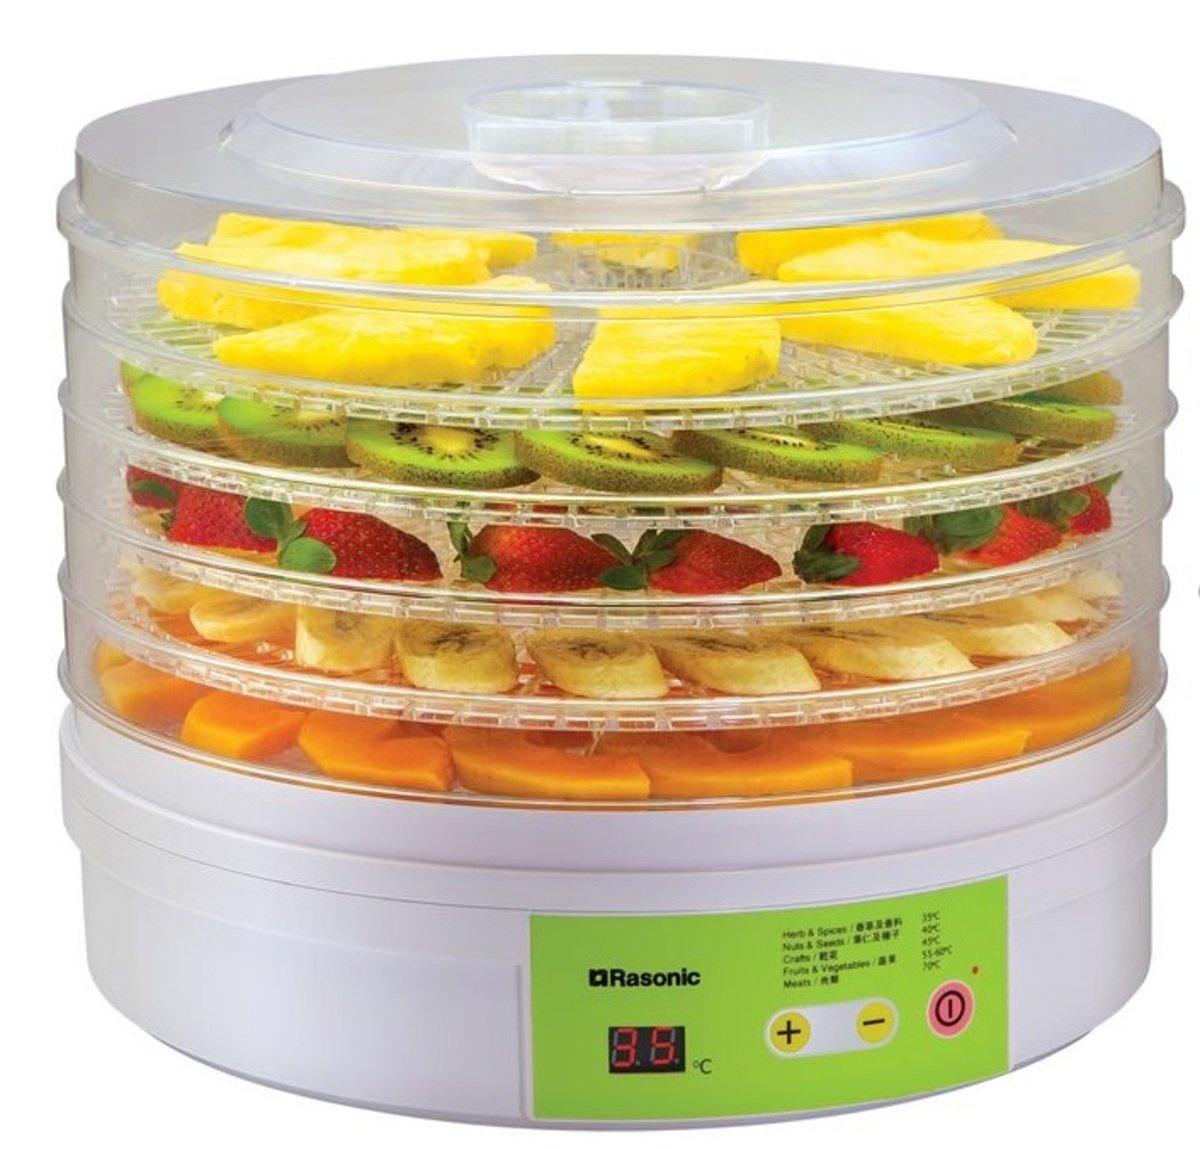 RFD-F25 5層透明圓形承物架 LED顯示窗 食物風乾機